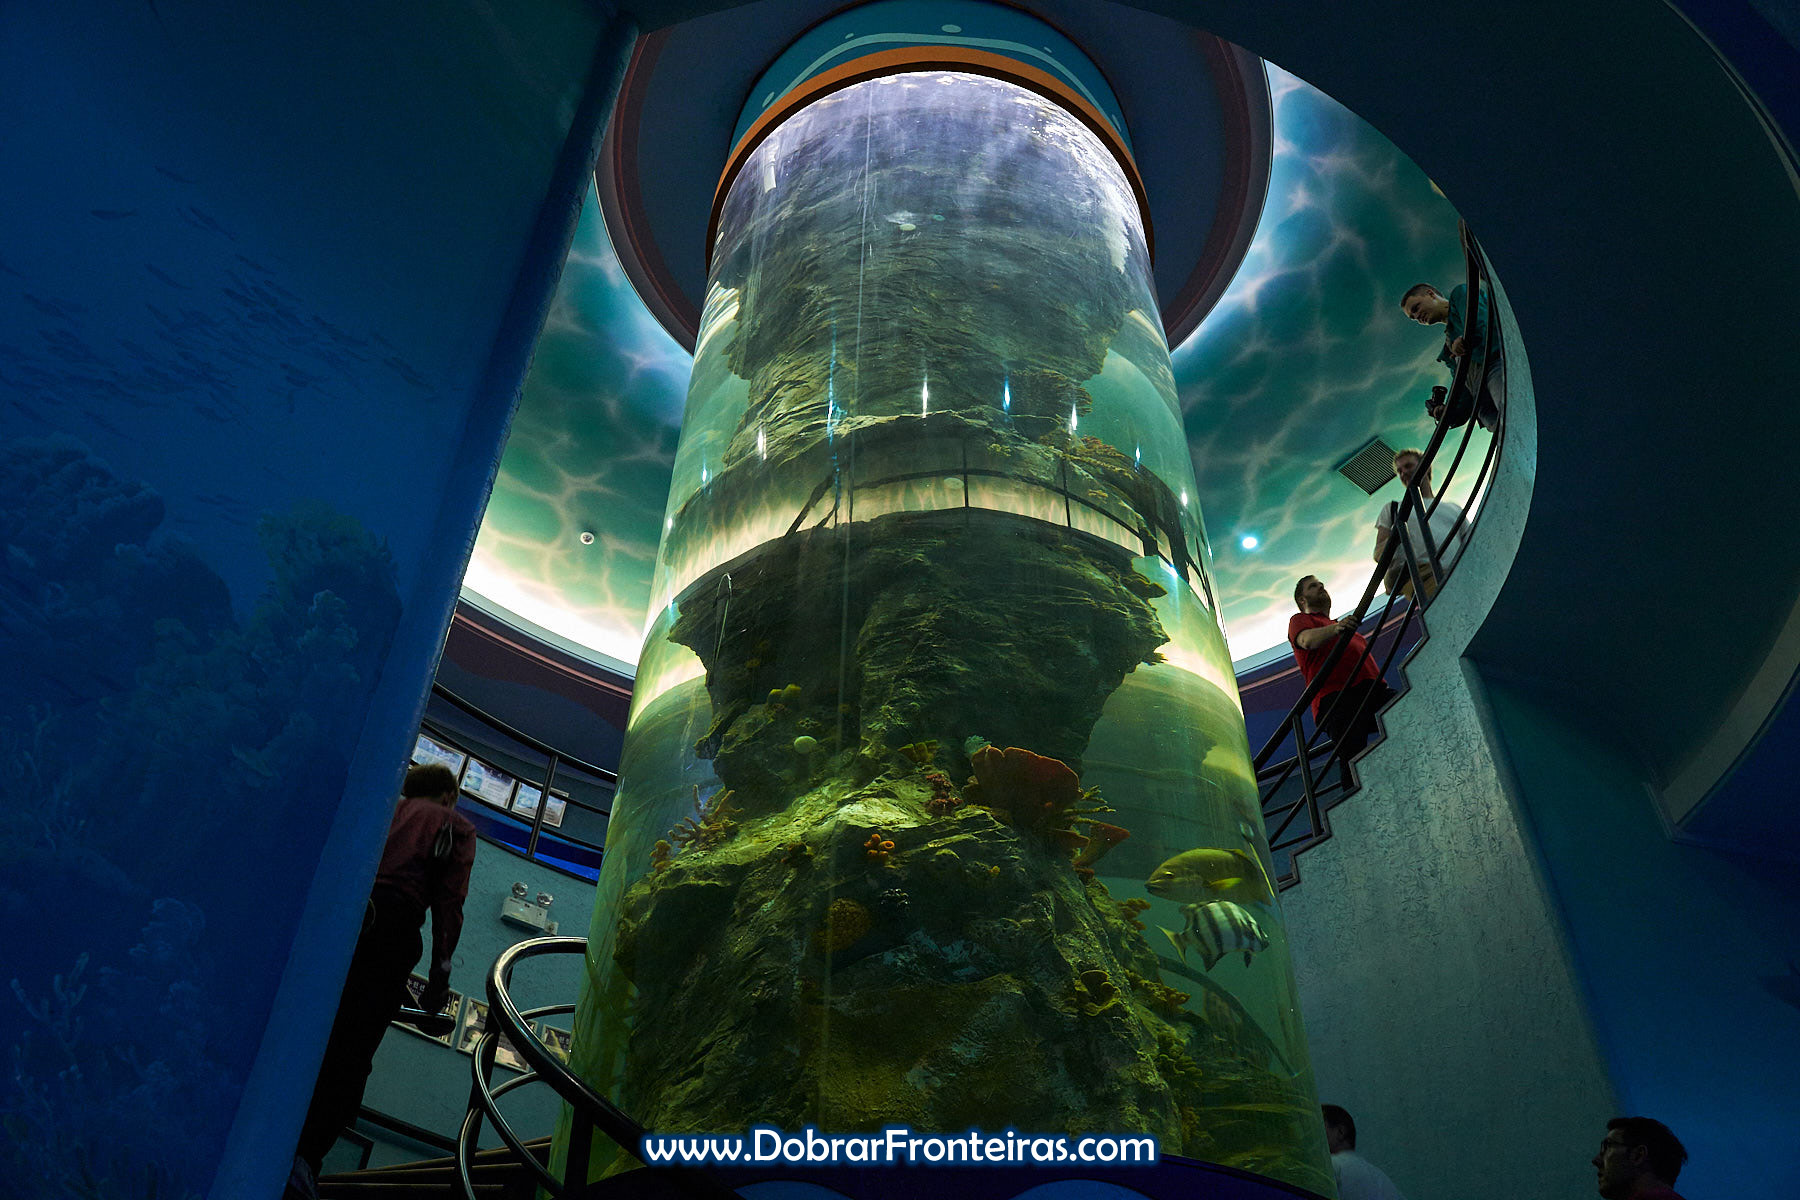 aquário cilindrico